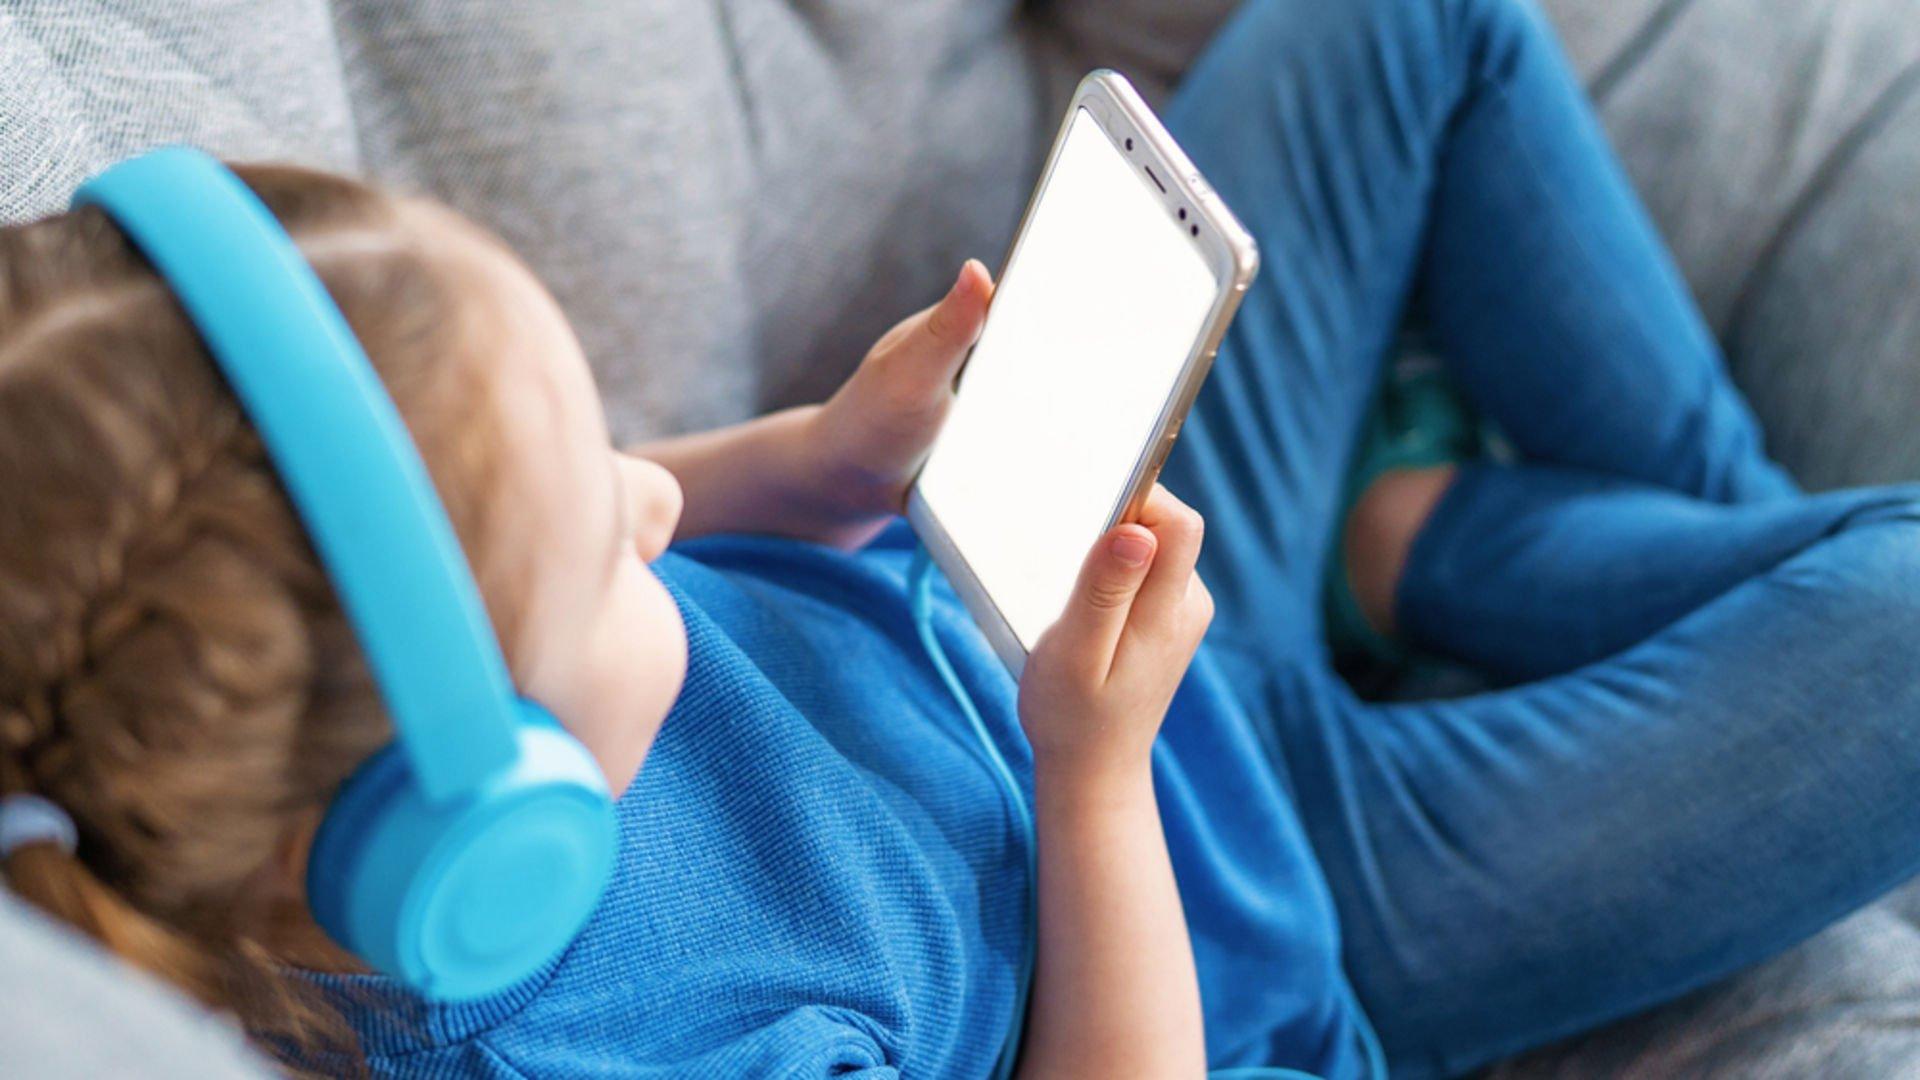 Salgın süresince çocukların ekranla ilişkisini nasıl düzenleyeceğiz?